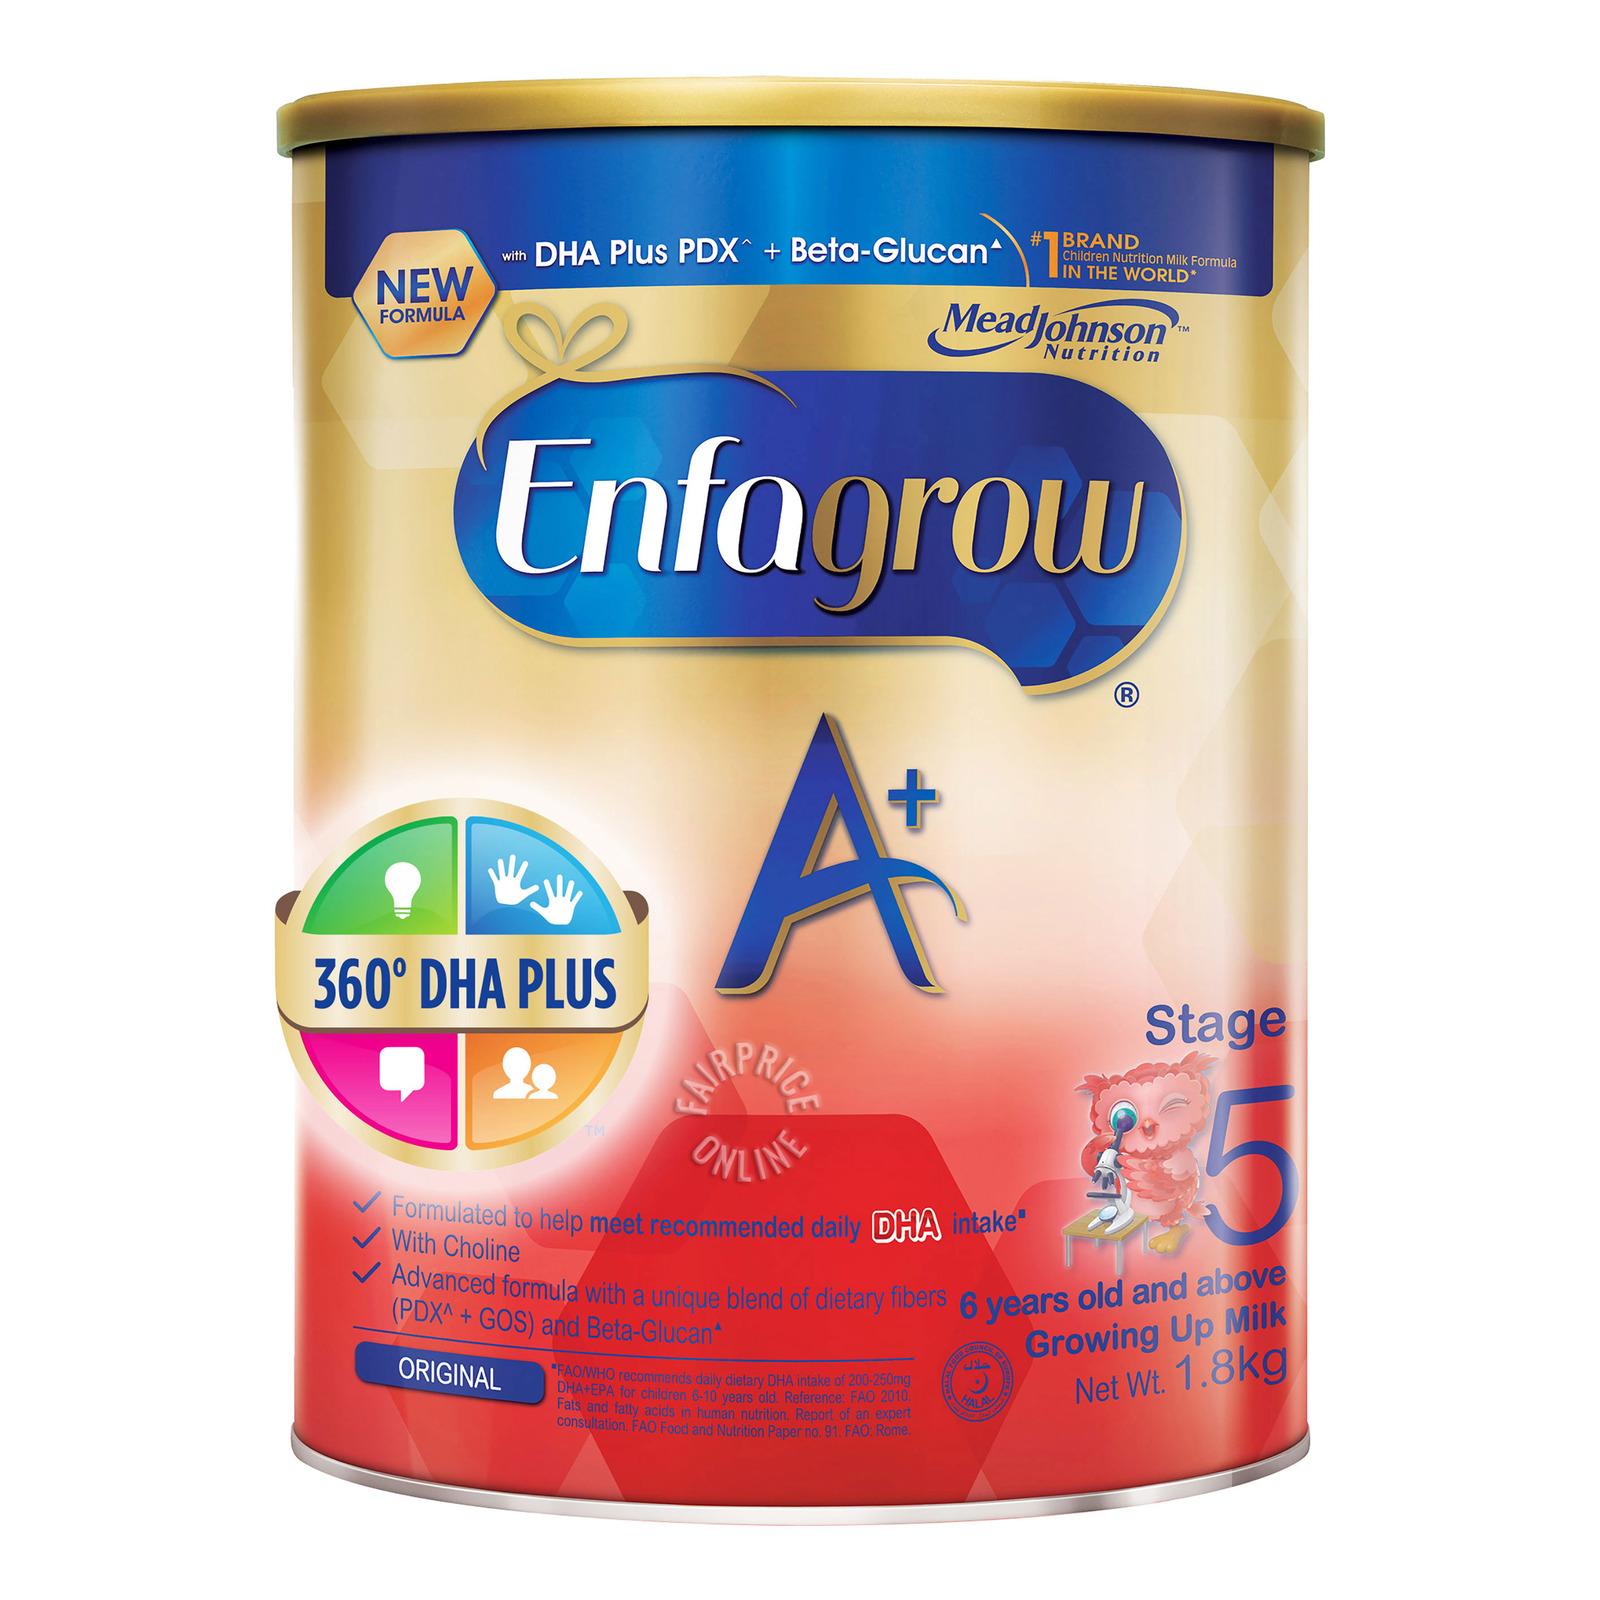 ENFAGROW A+ 360 DHA Stage 5 Milk Formula Original 1.8kg